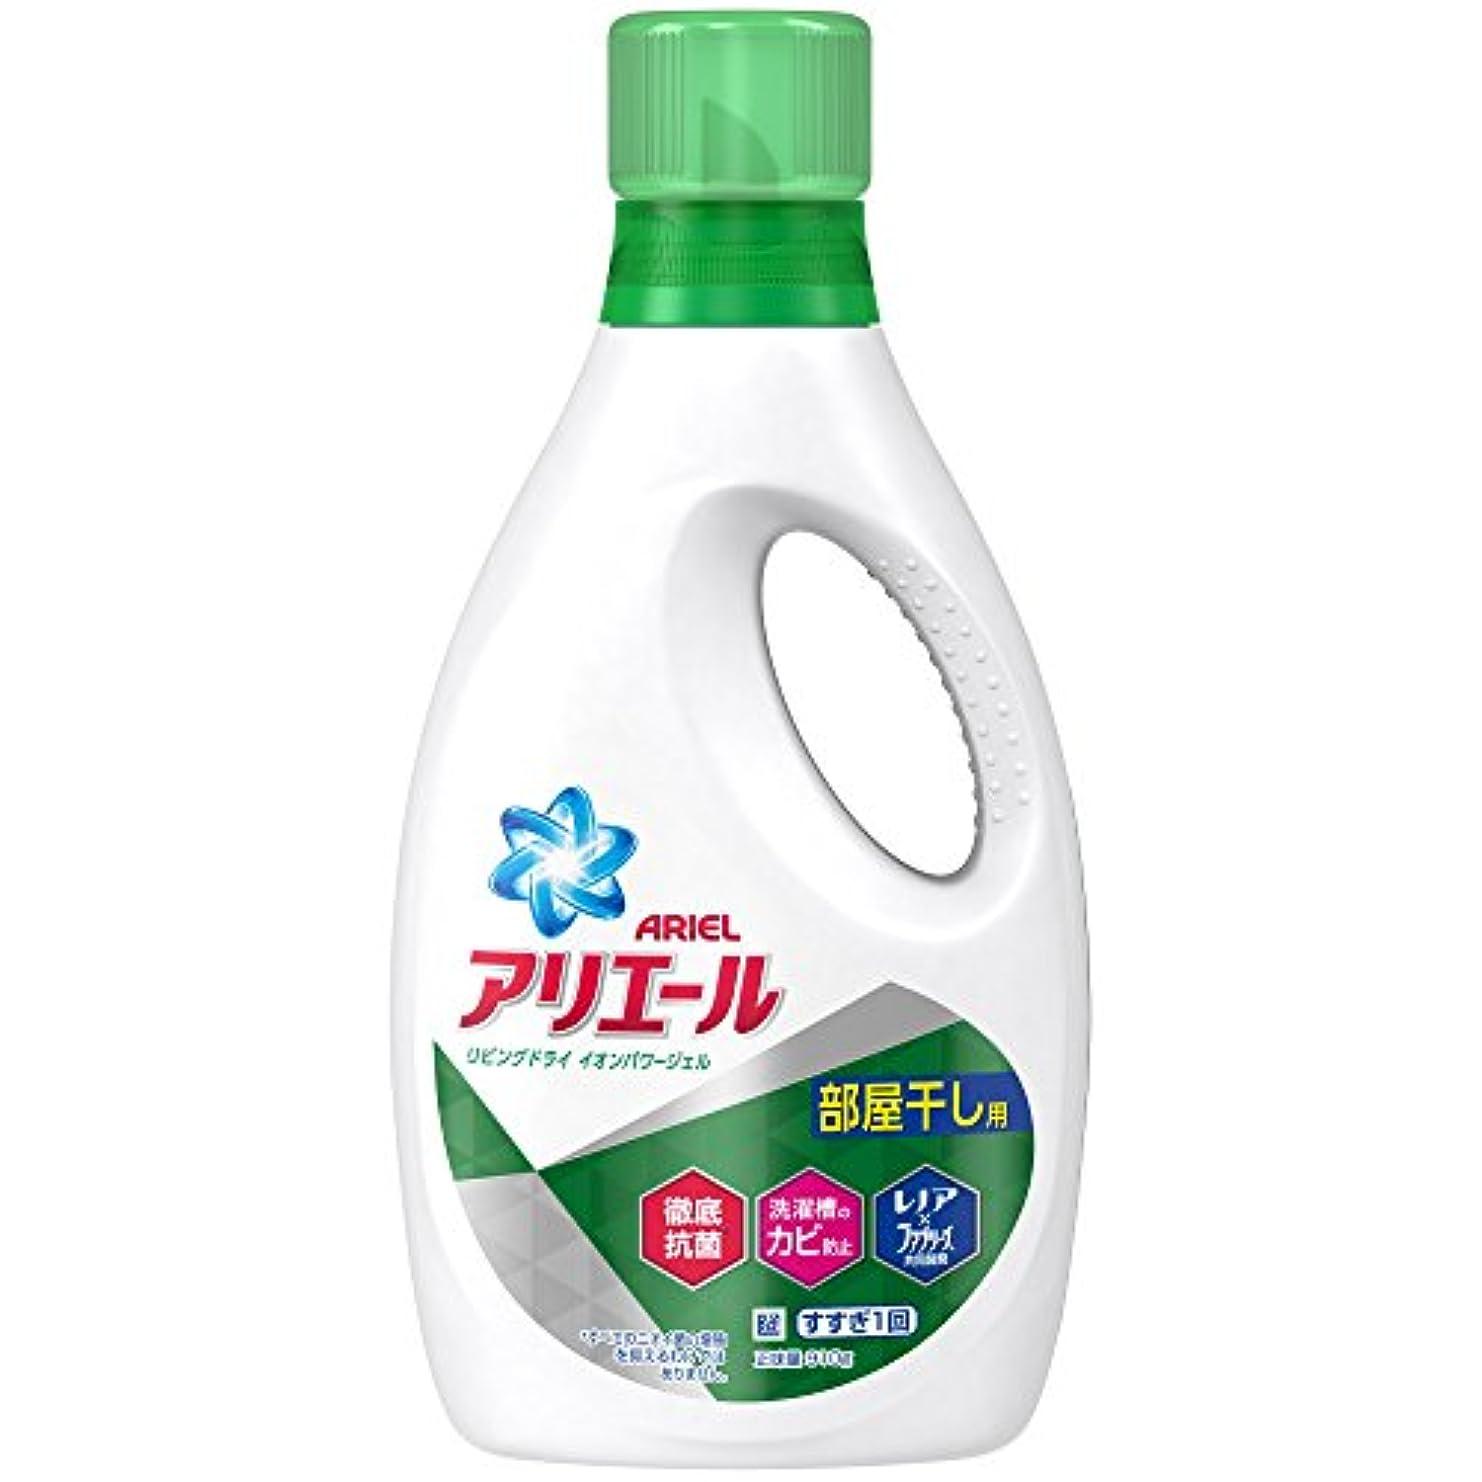 アジア人カップル地震洗濯洗剤 液体 部屋干し アリエール 本体(910g)